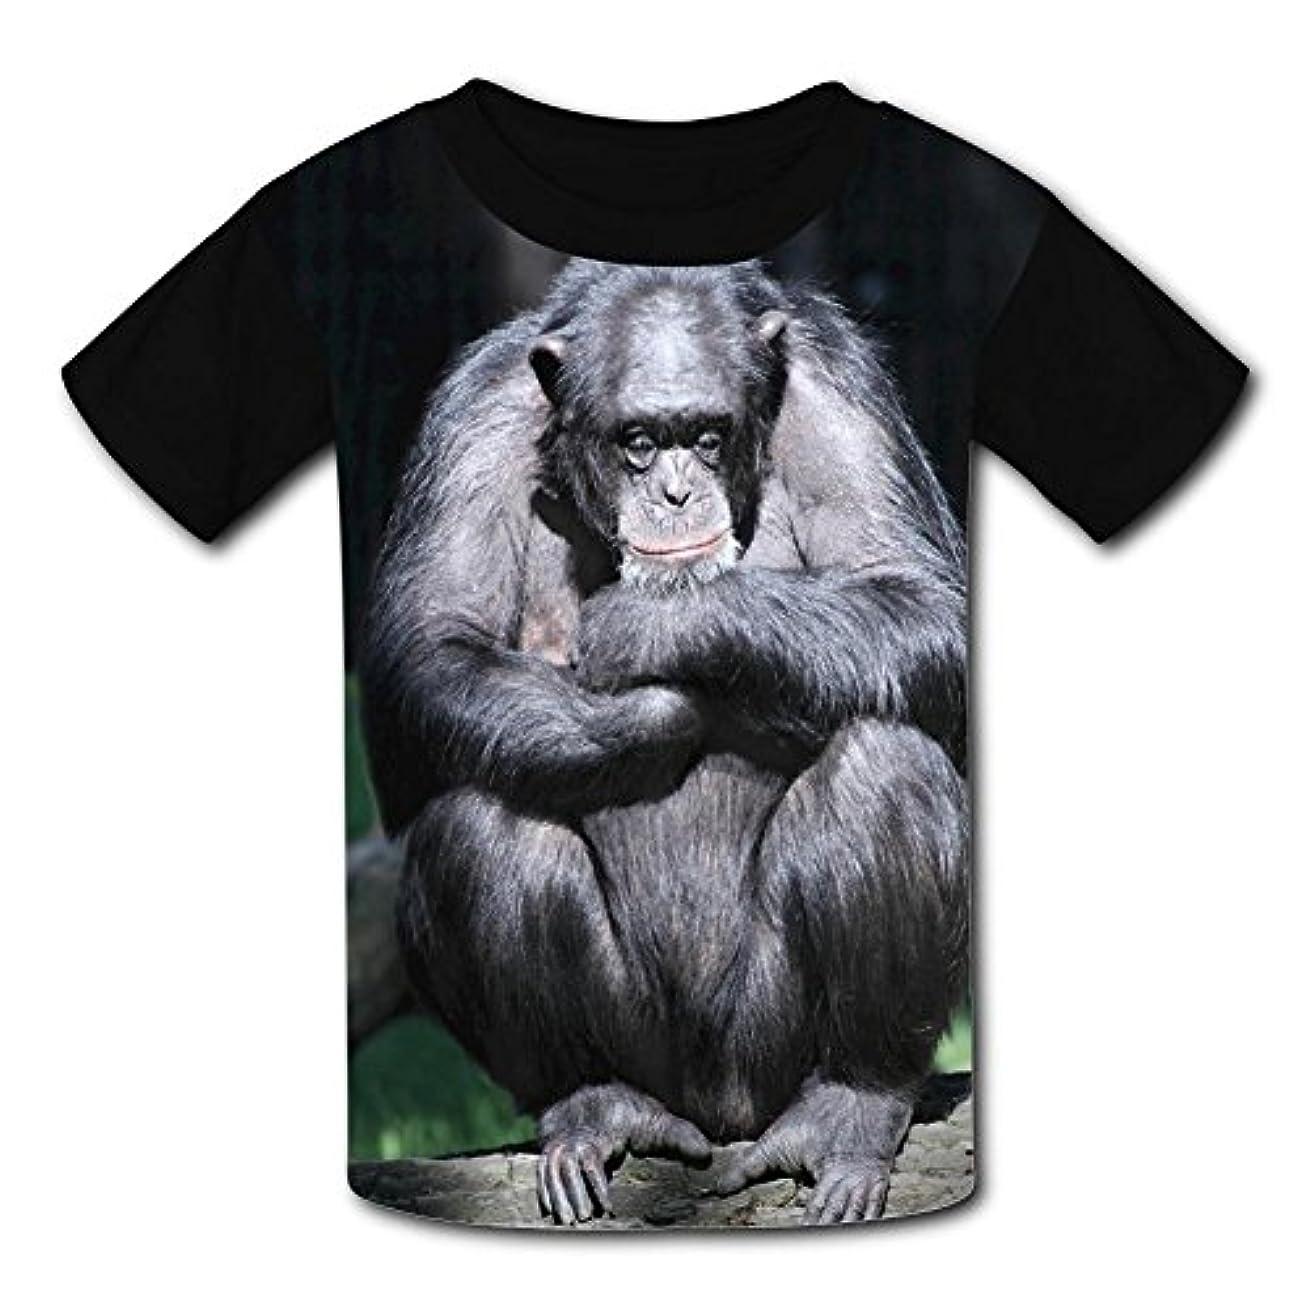 究極のバングブラシ悲しいゴリラ 3Dプリント 個性 Tシャツ 男女兼用 カジュアル 半袖 T Shirt